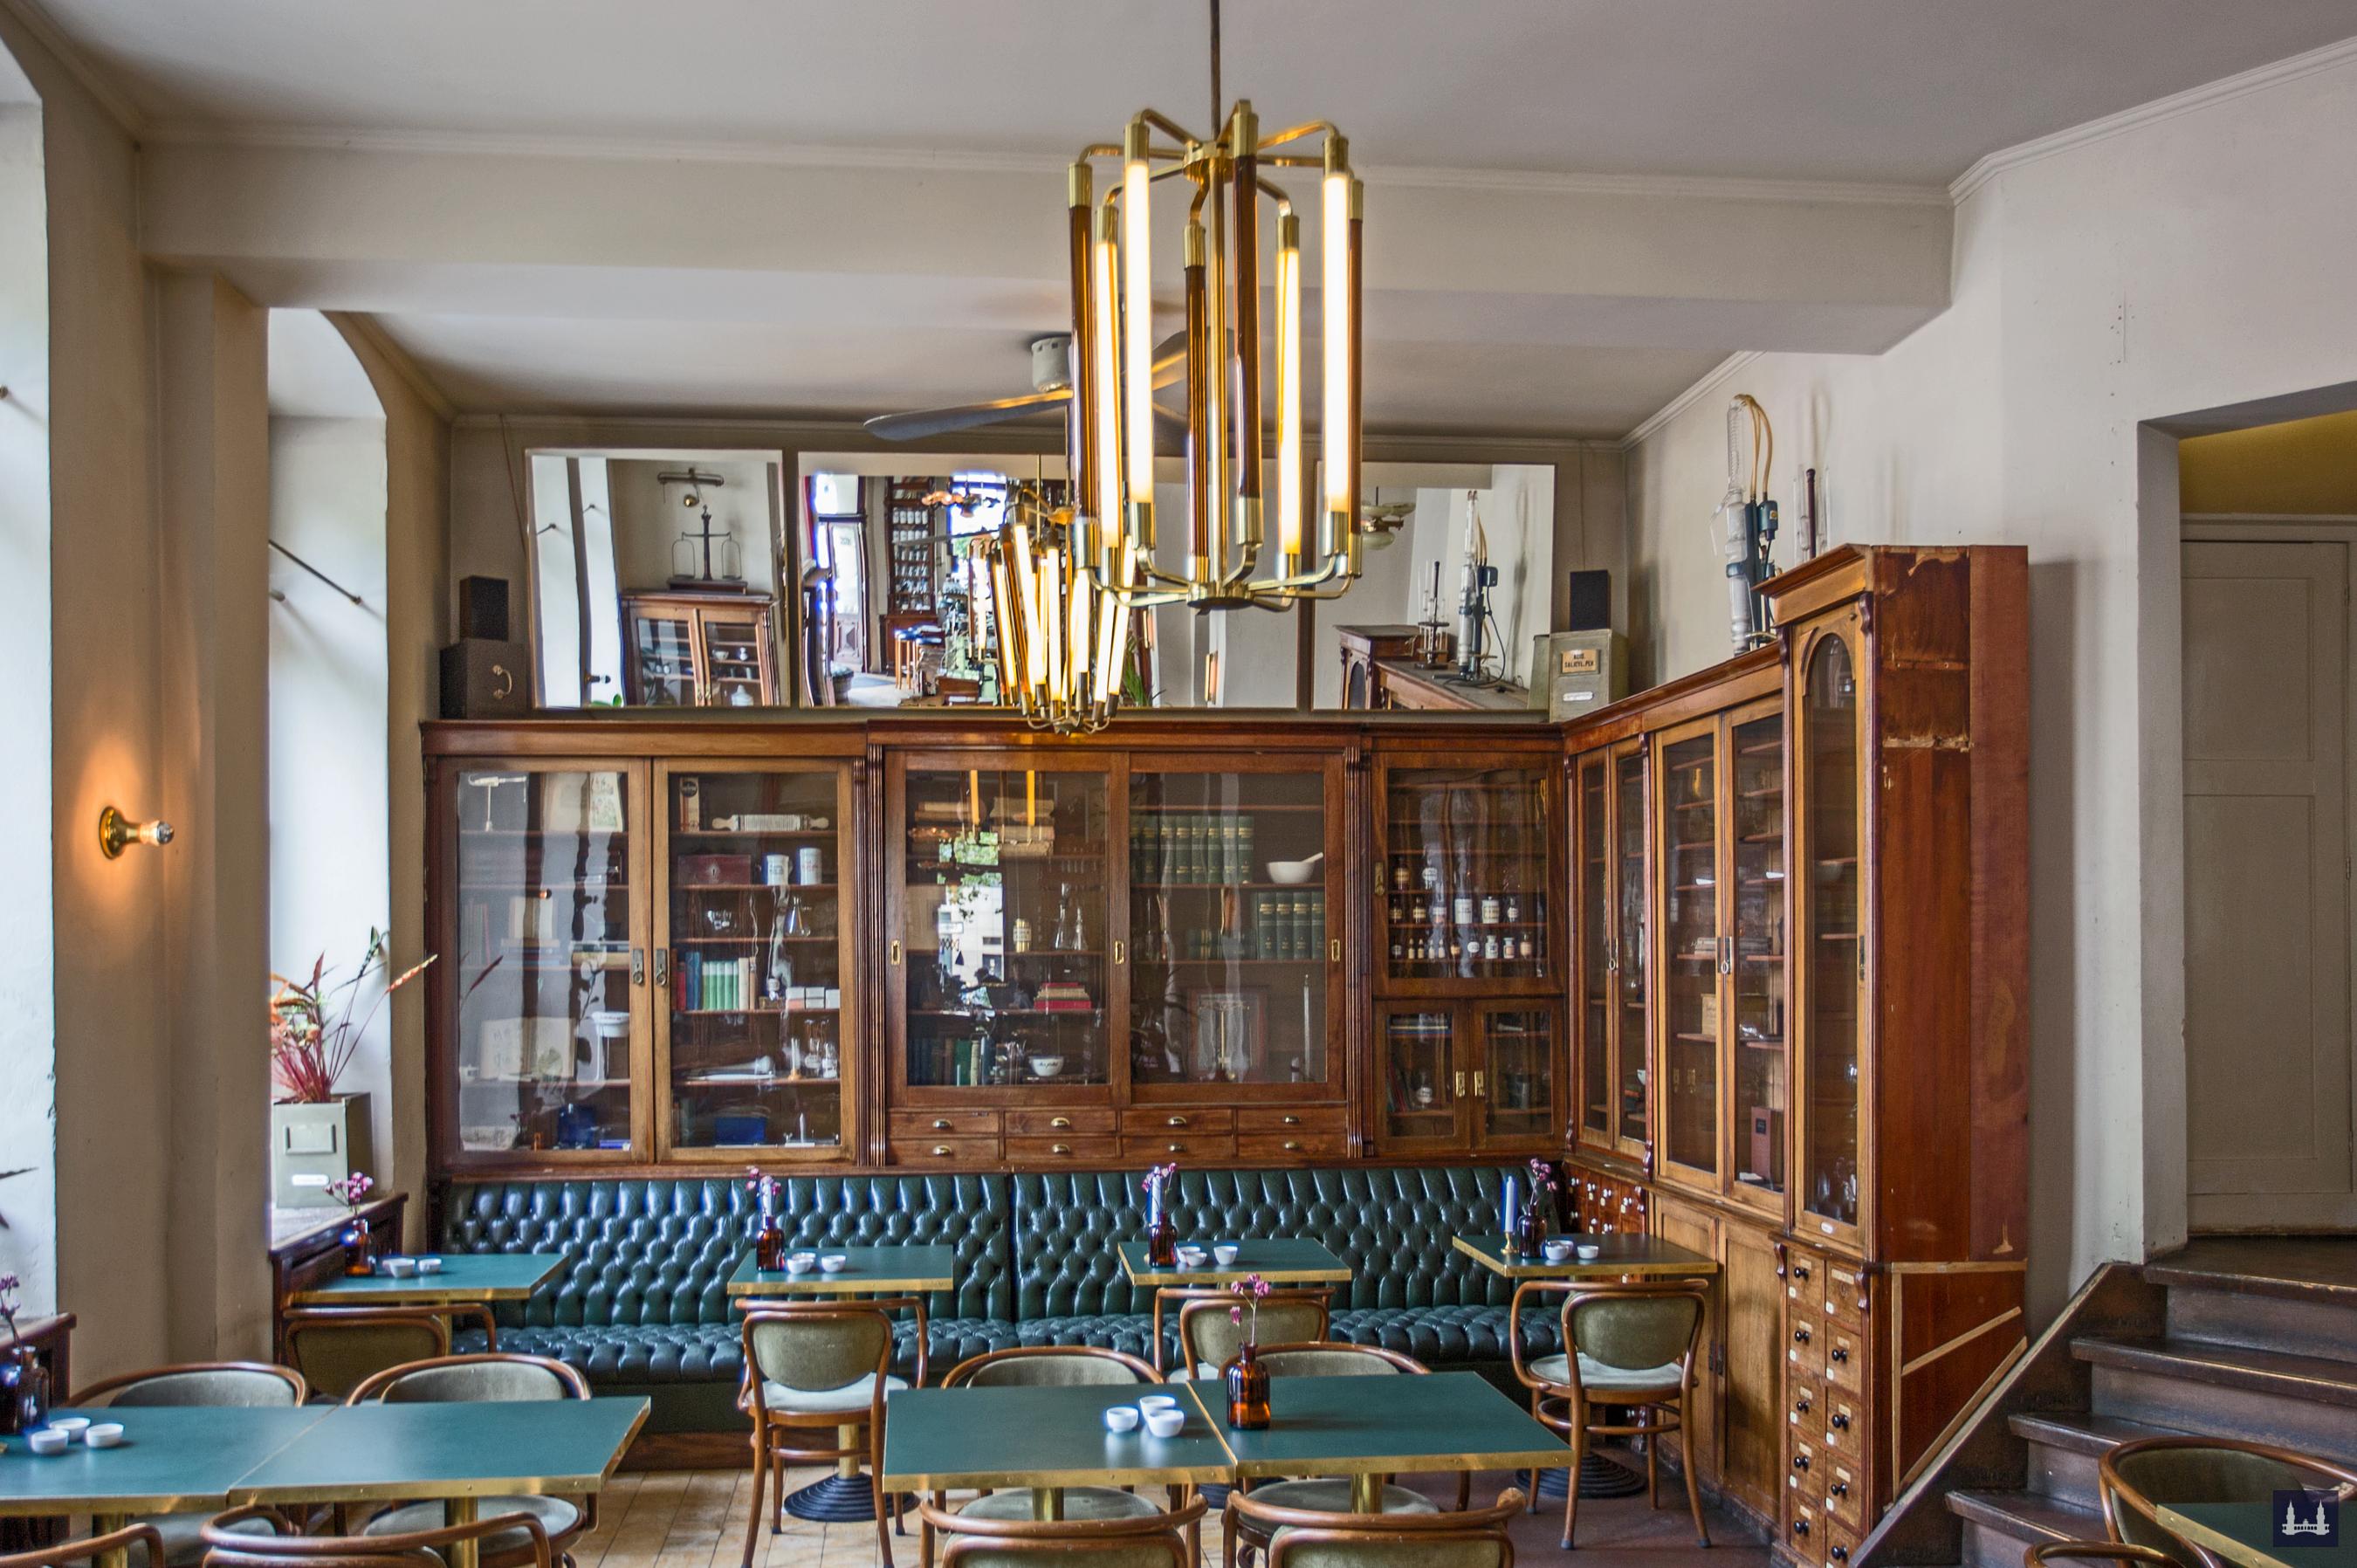 Oranien - Apotheke und Brasserie Ora, Berlin - Kreuzberg. Innenansicht hinterer Teil des Gastraumes.